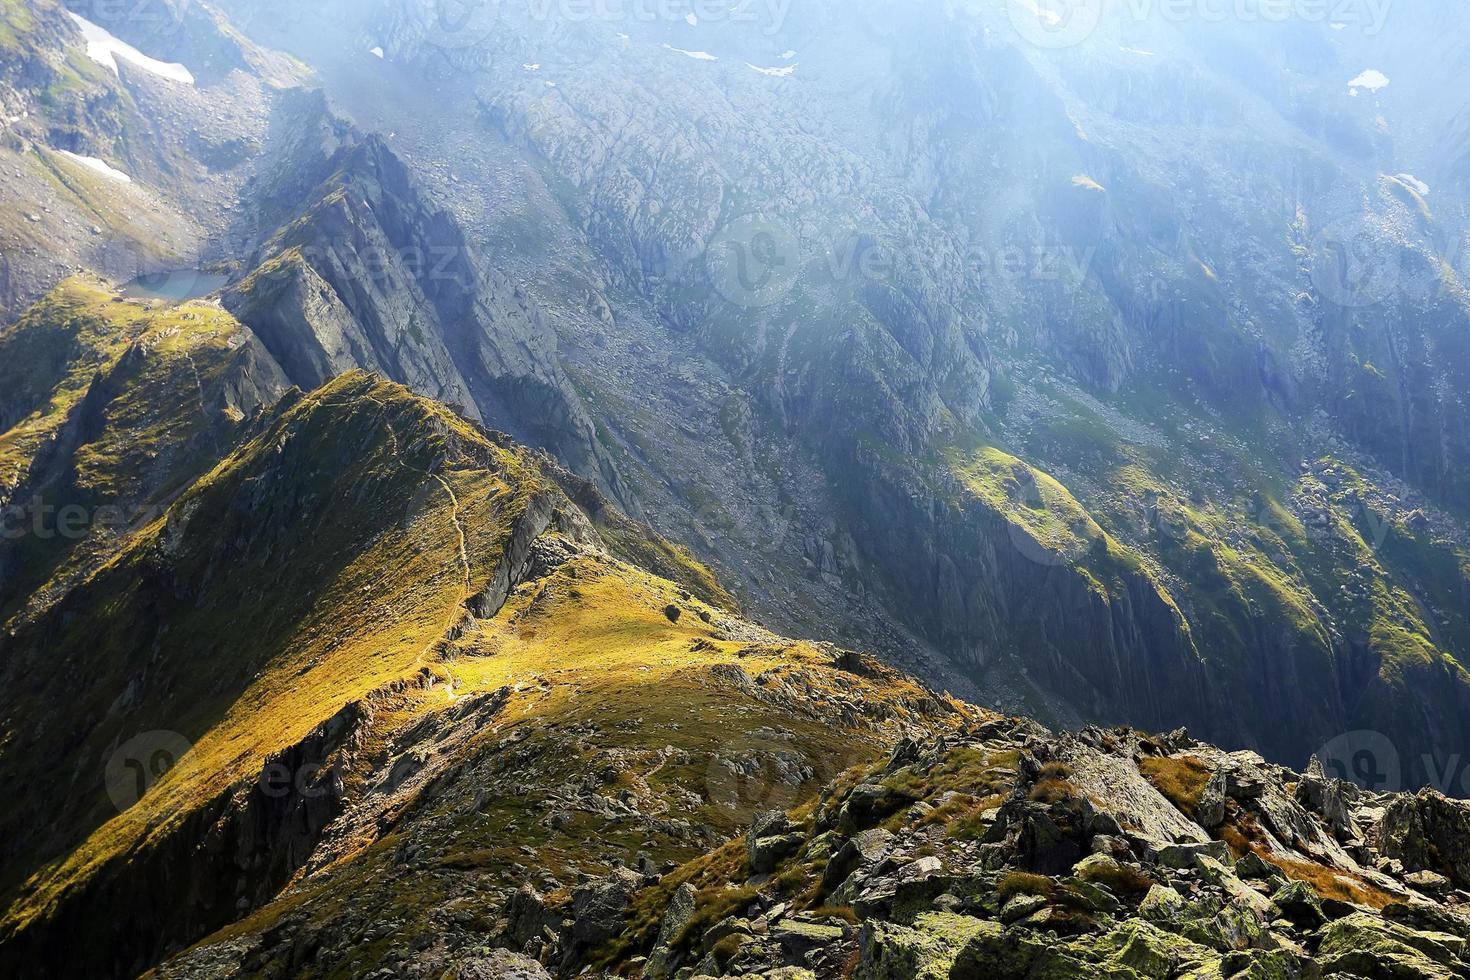 vallée des glaciers dans les alpes transylvaniennes photo